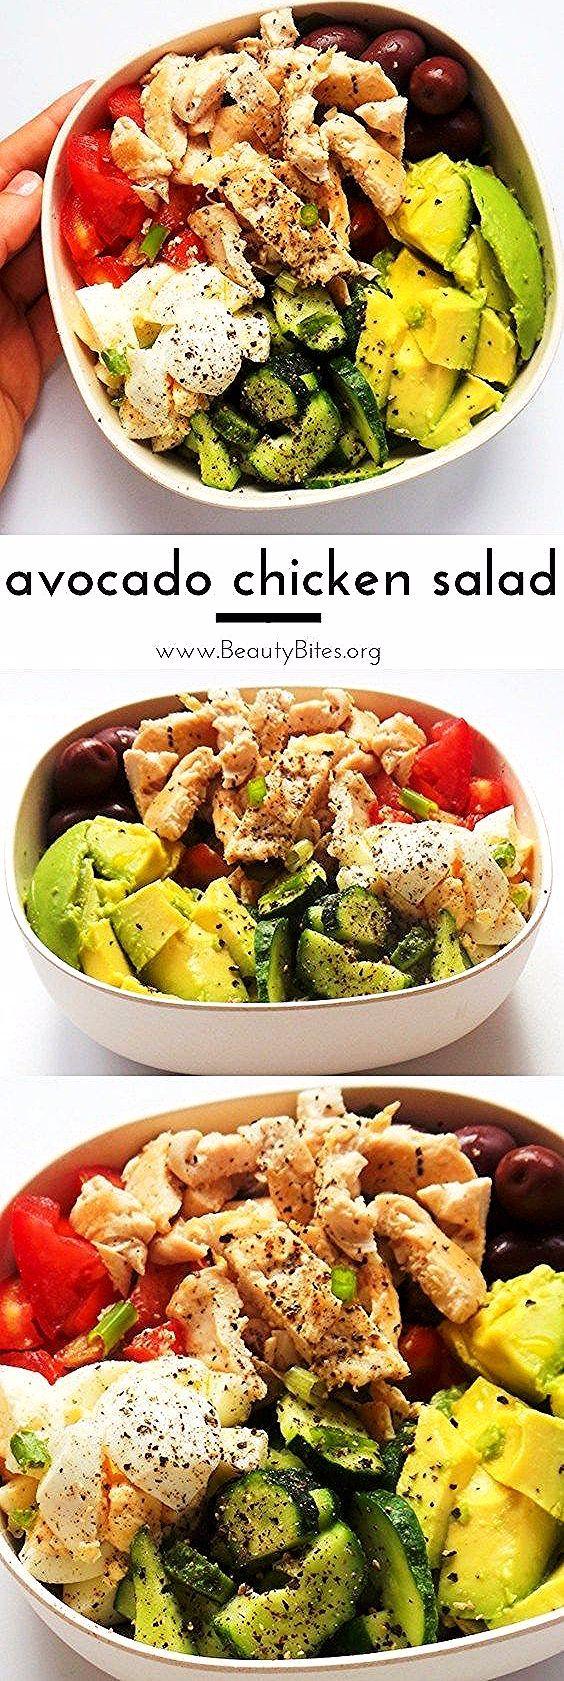 Healthy Avocado Chicken Salad Recipe | Low Carb + Meal Prep Option    Avocado chicken salad - a